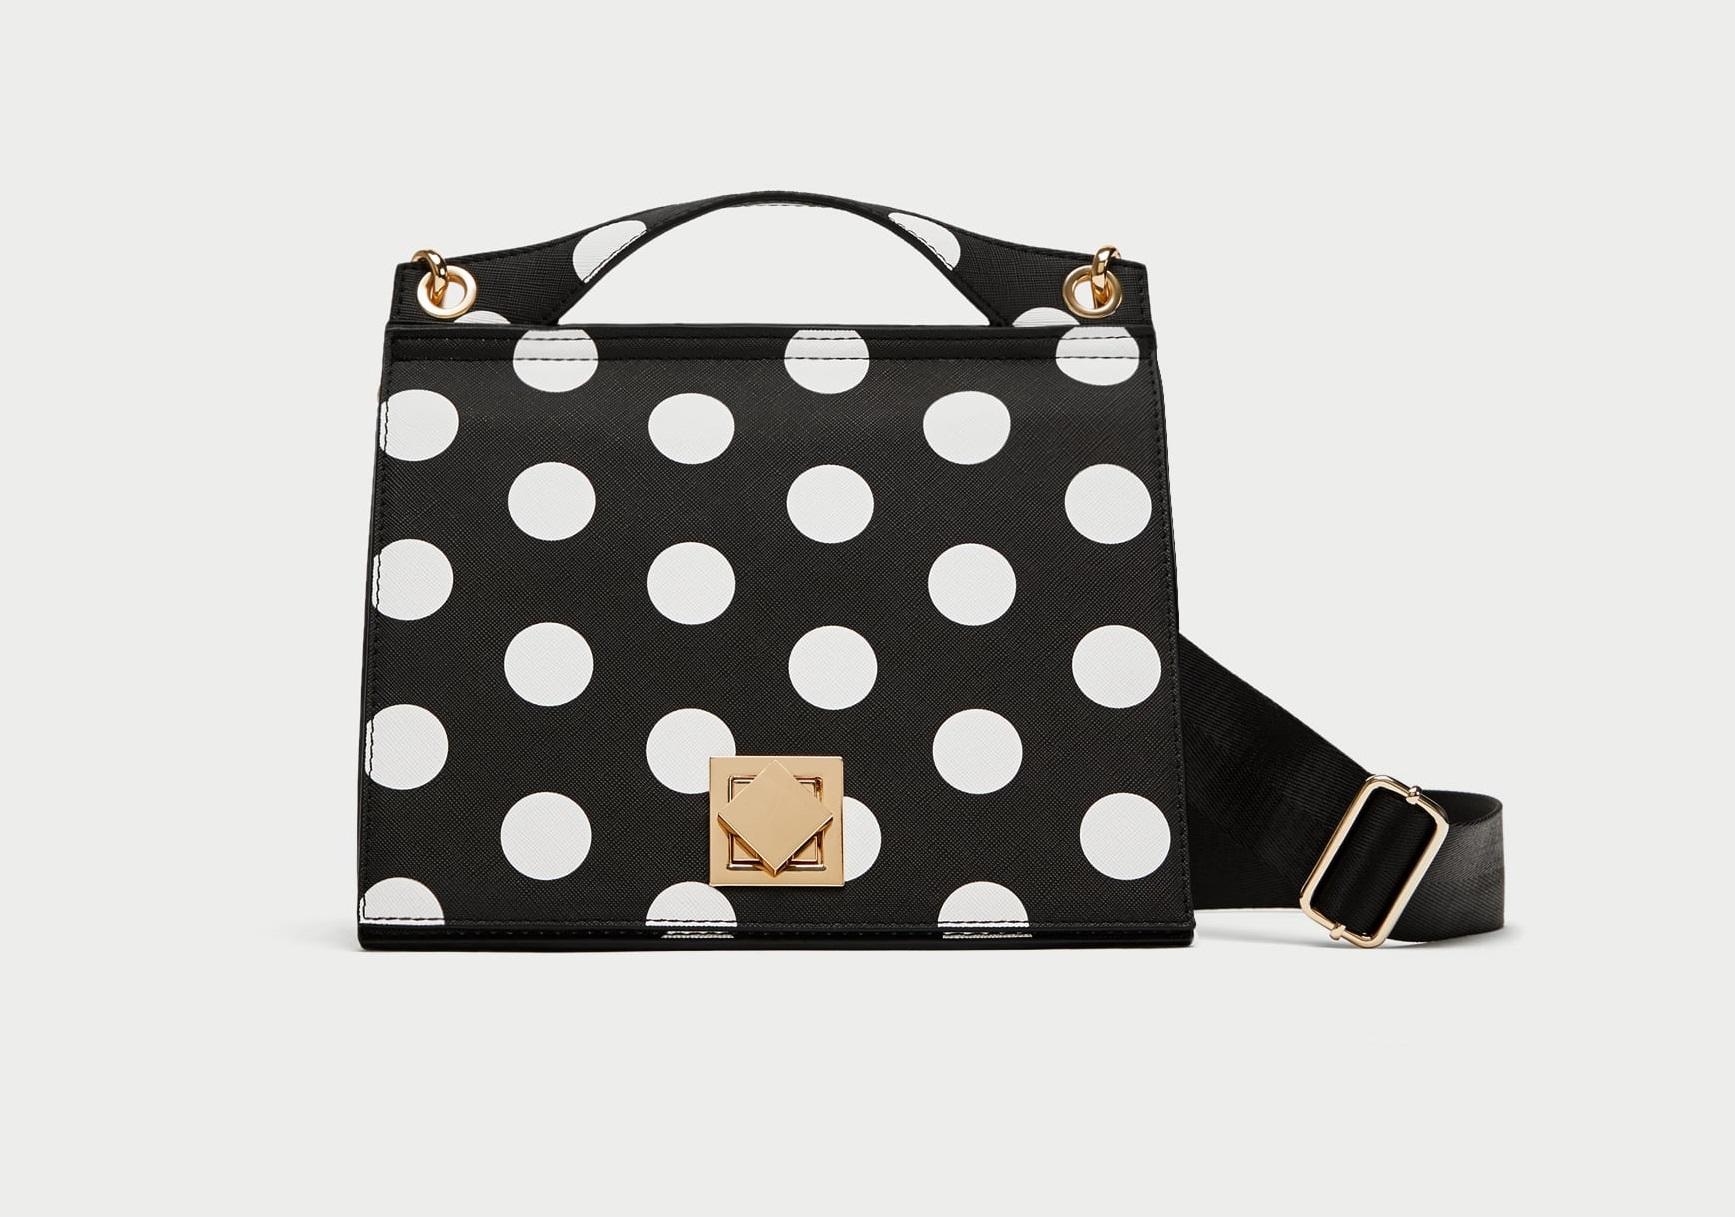 Borsa a pois Zara collezione primavera estate 2018